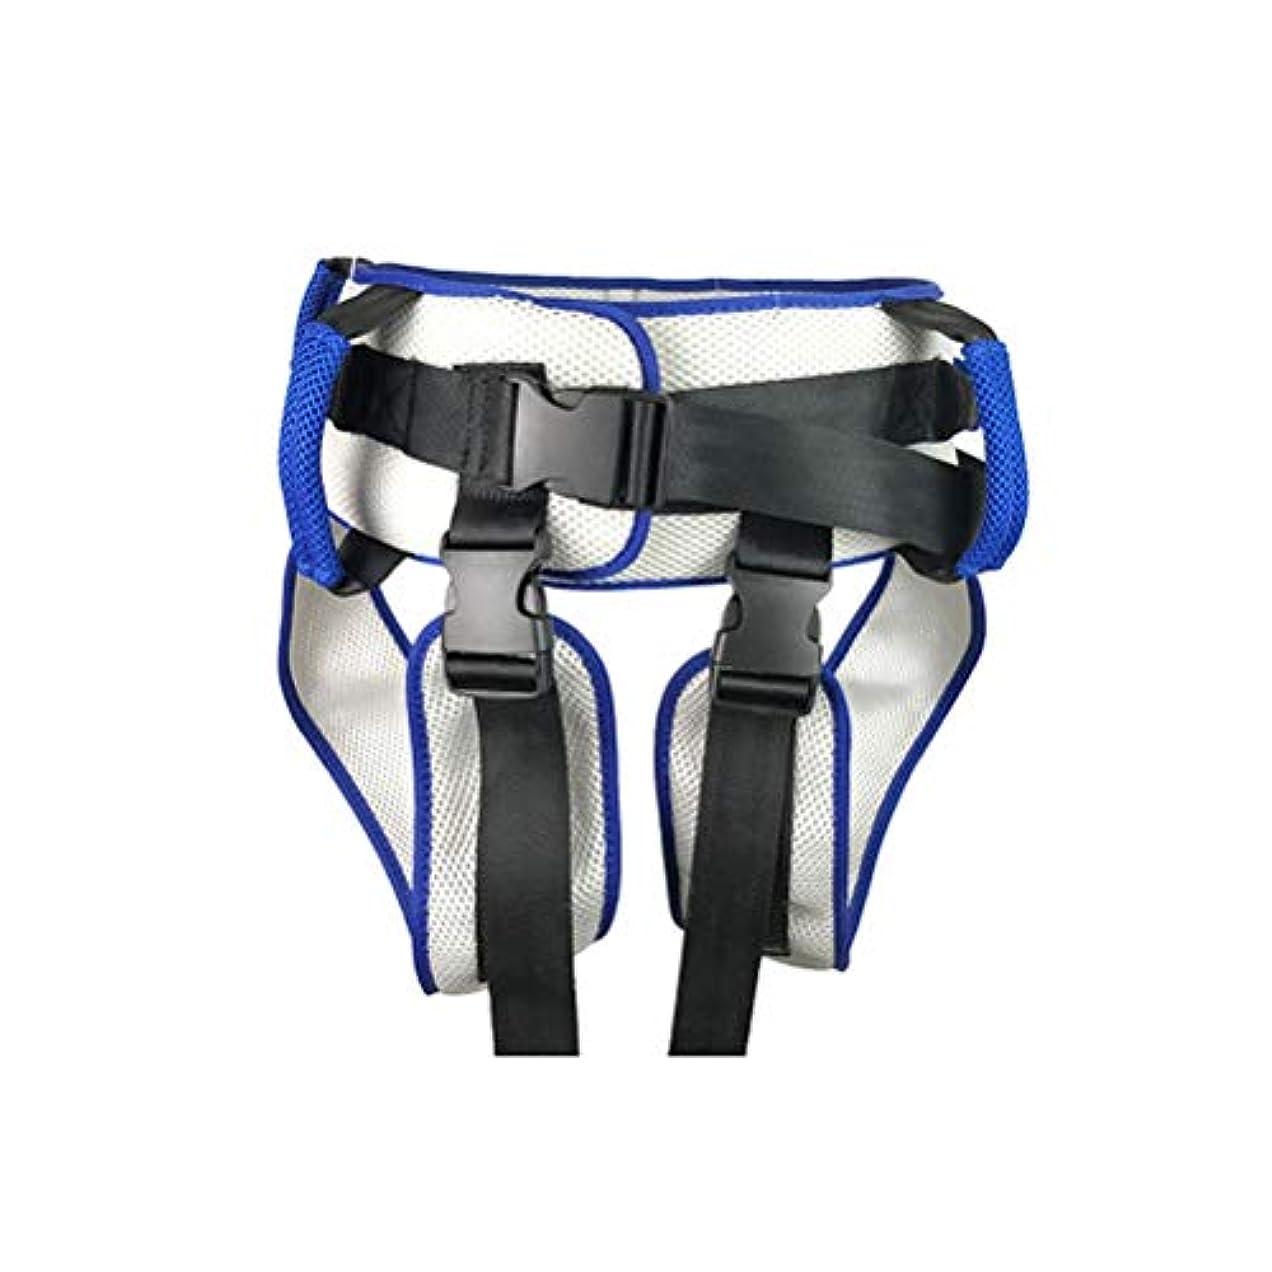 欠席より良い製作HEALLILY 足のループ付きHEALLILYトランスファーベルト患者補助トランスファースリングリハビリテーションベルト下肢歩行立ちトレーニング用具(青)